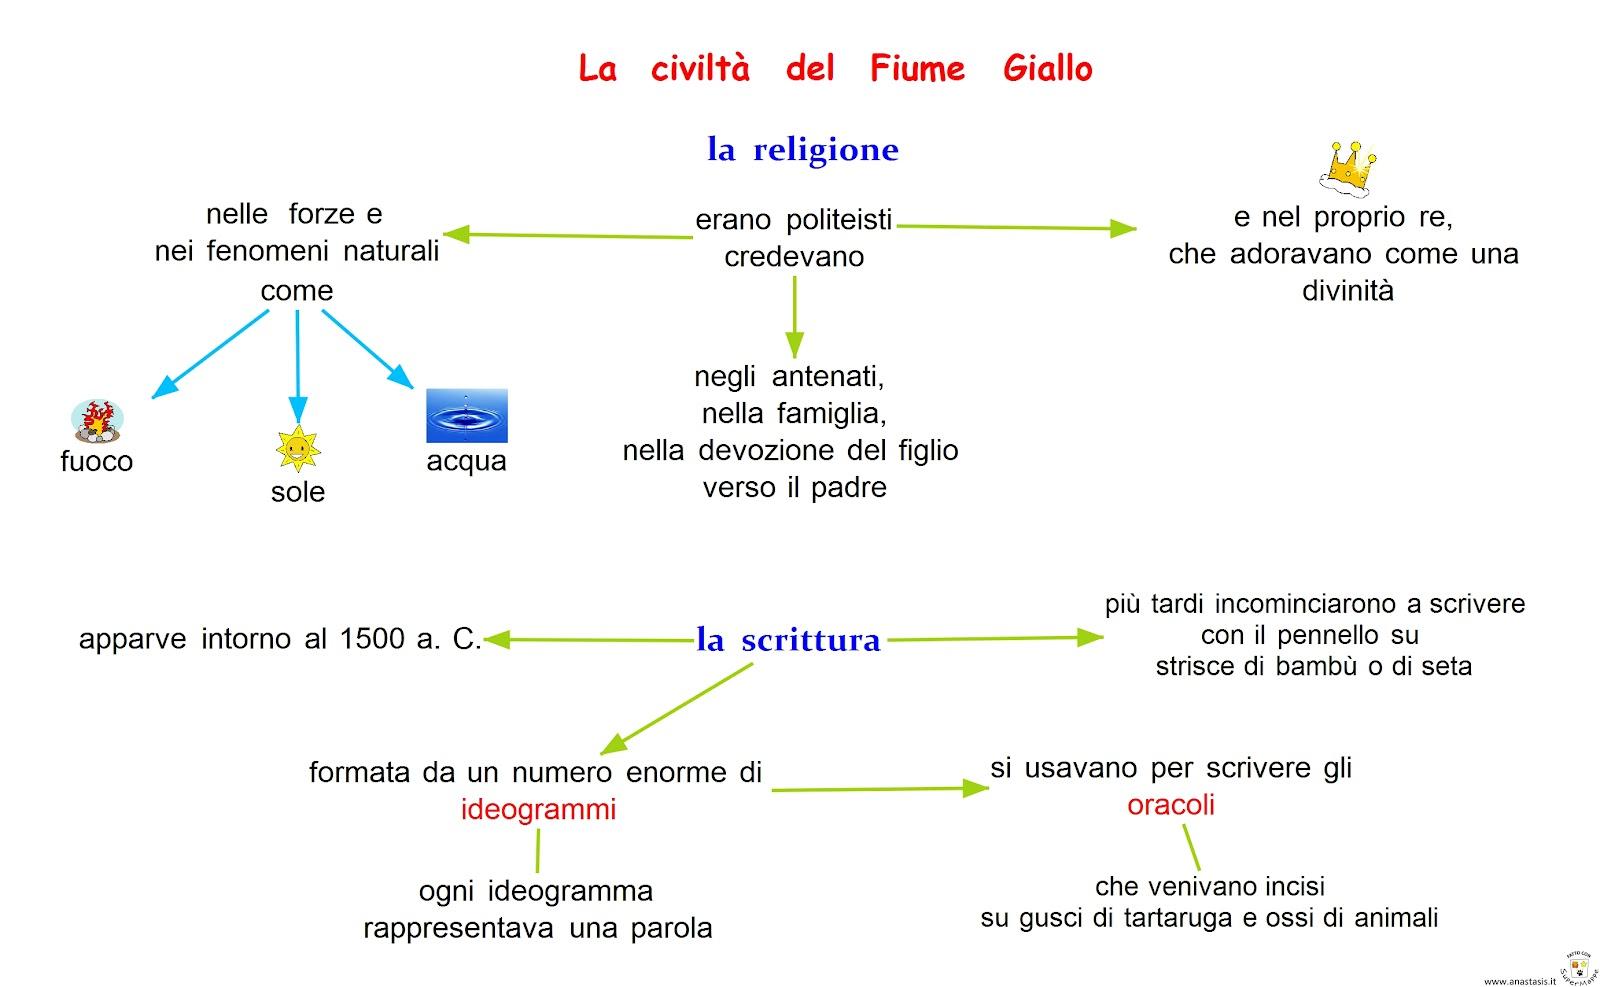 La civiltà del fiume giallo - religione e scrittura